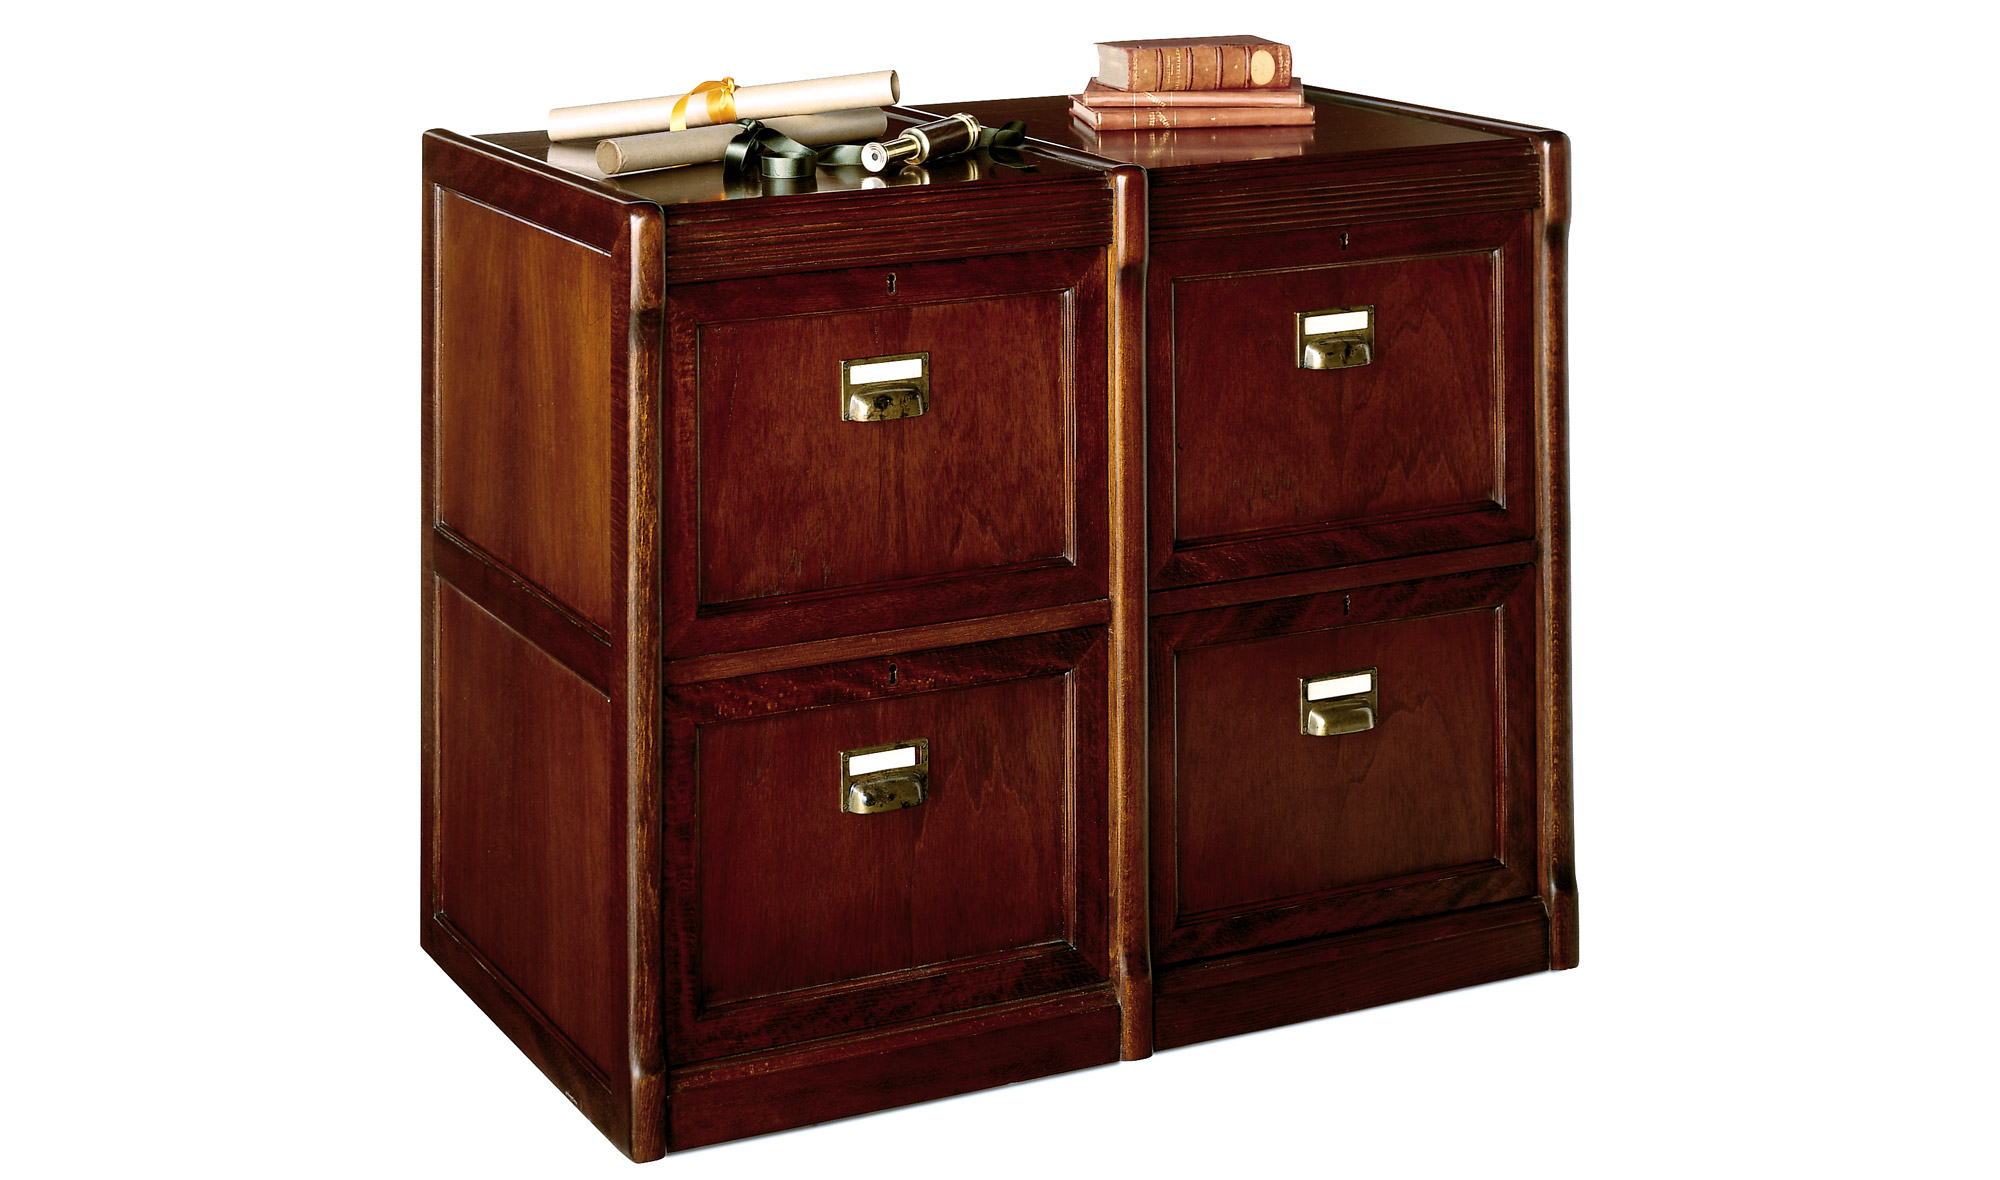 Archivador ancho 4 cajones cl sico batian de lujo en for Tu muebles catalogo